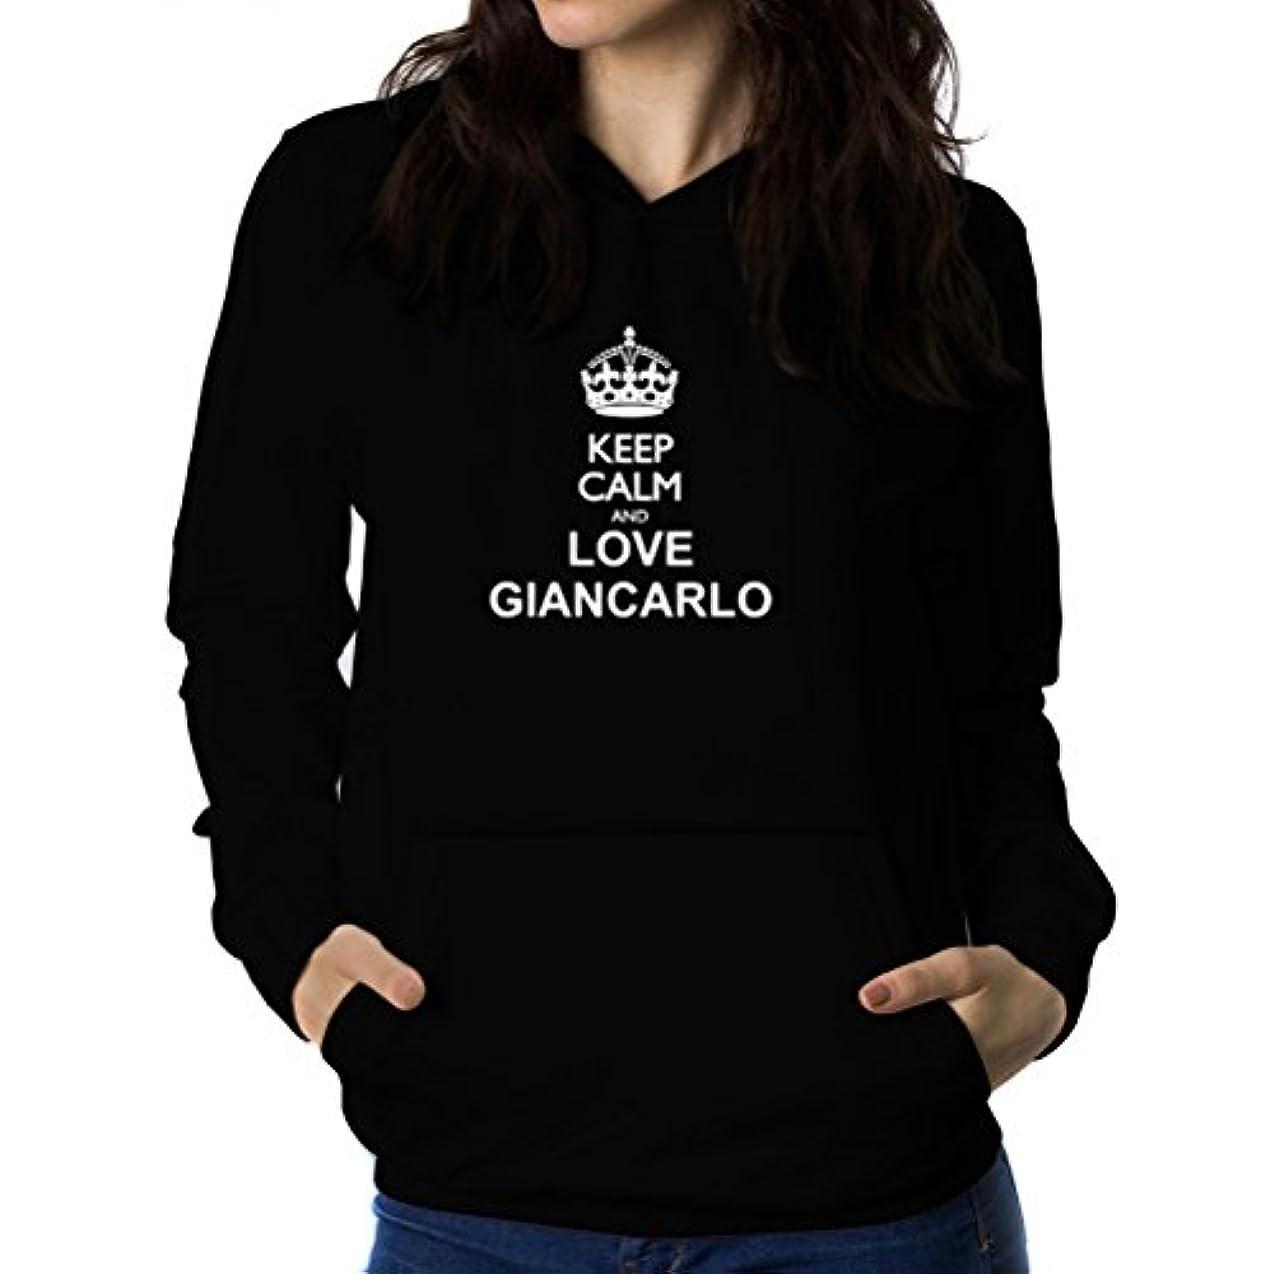 ペーストペナルティ被るKeep calm and love Giancarlo 女性 フーディー